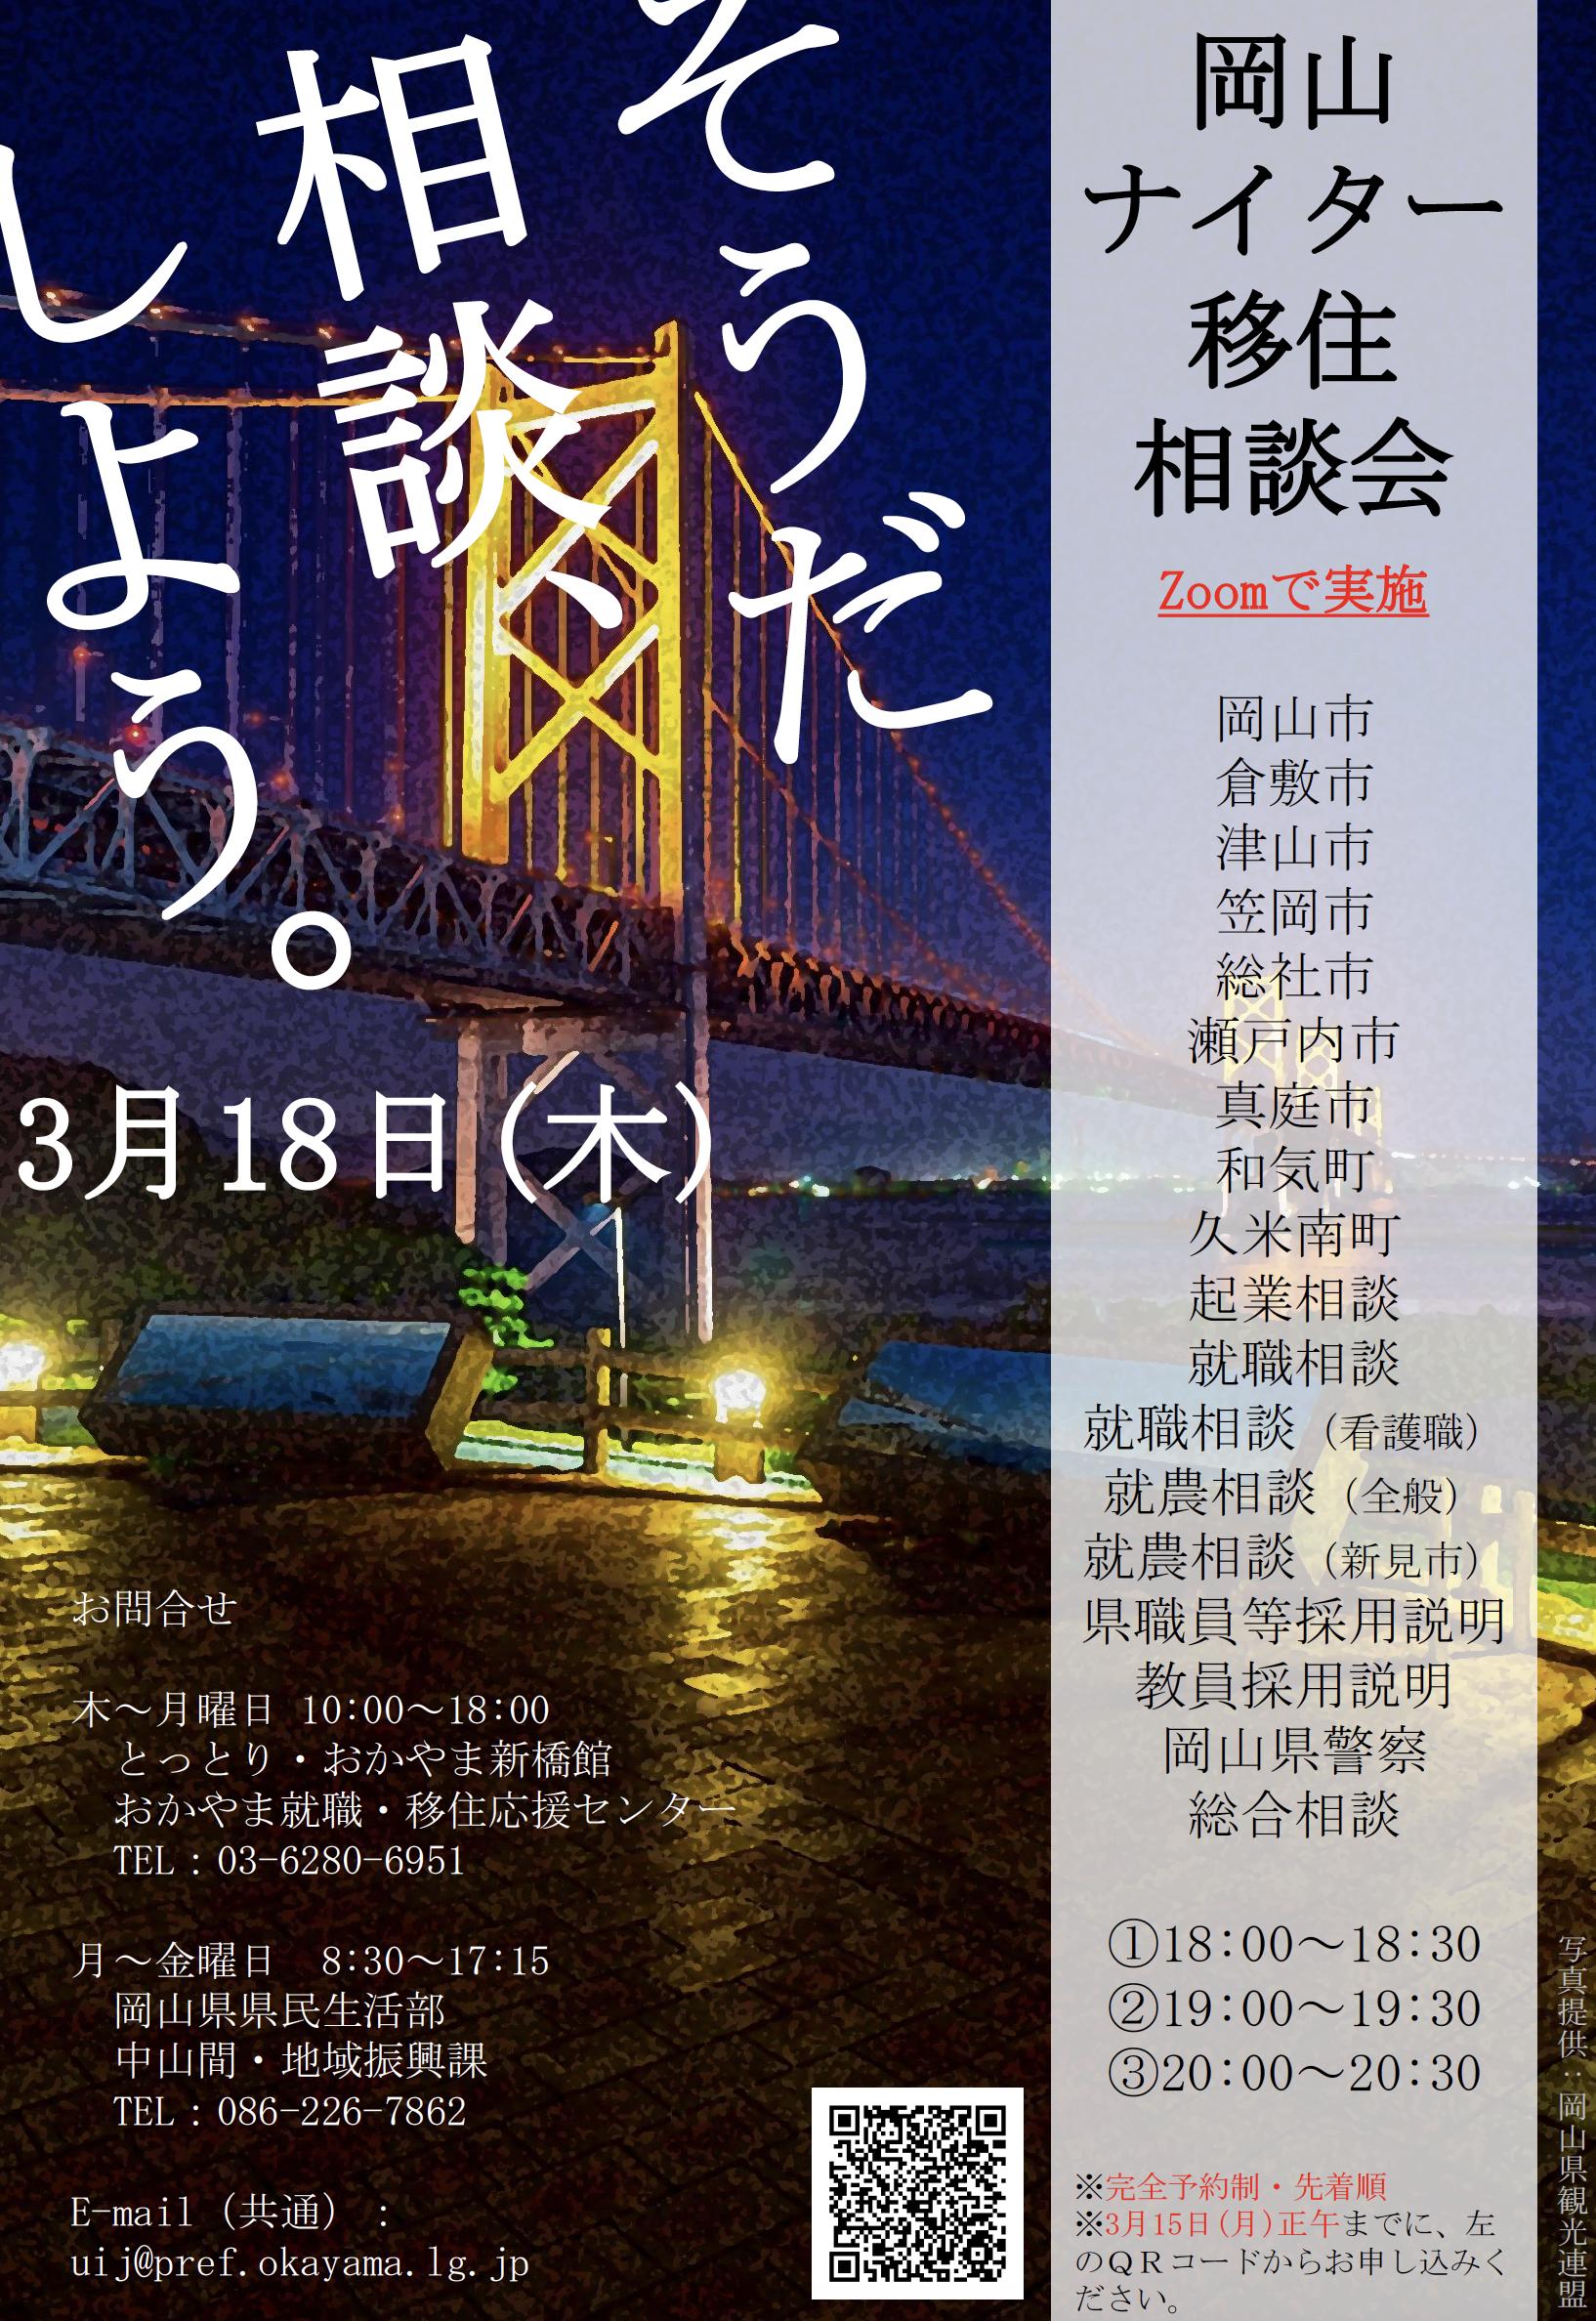 【3/18】岡山ナイター移住相談会に真庭市も参加します!